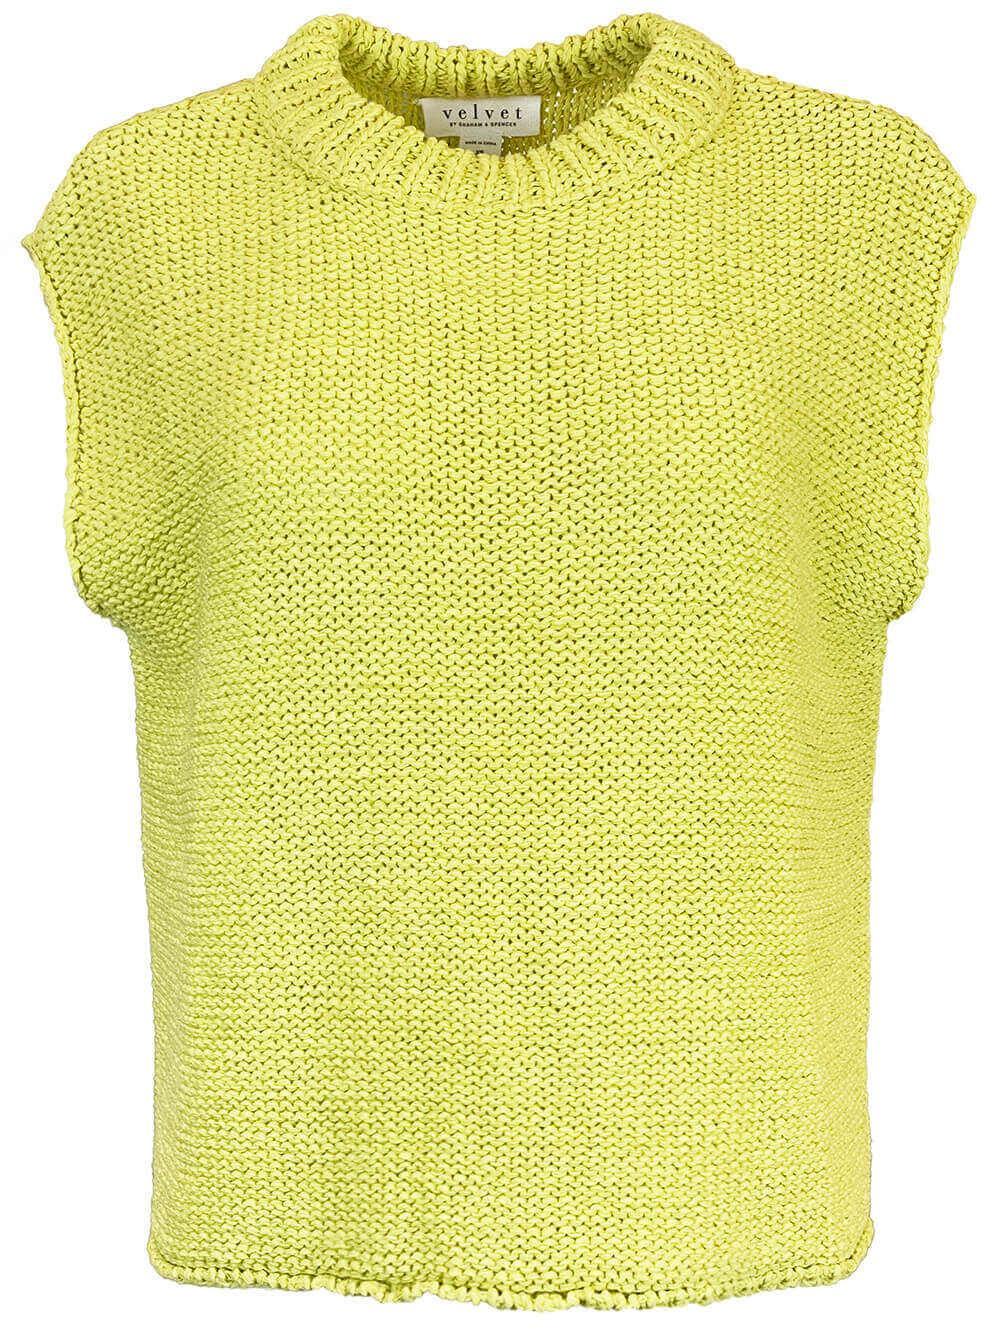 Sleeveless Cotton Sweater